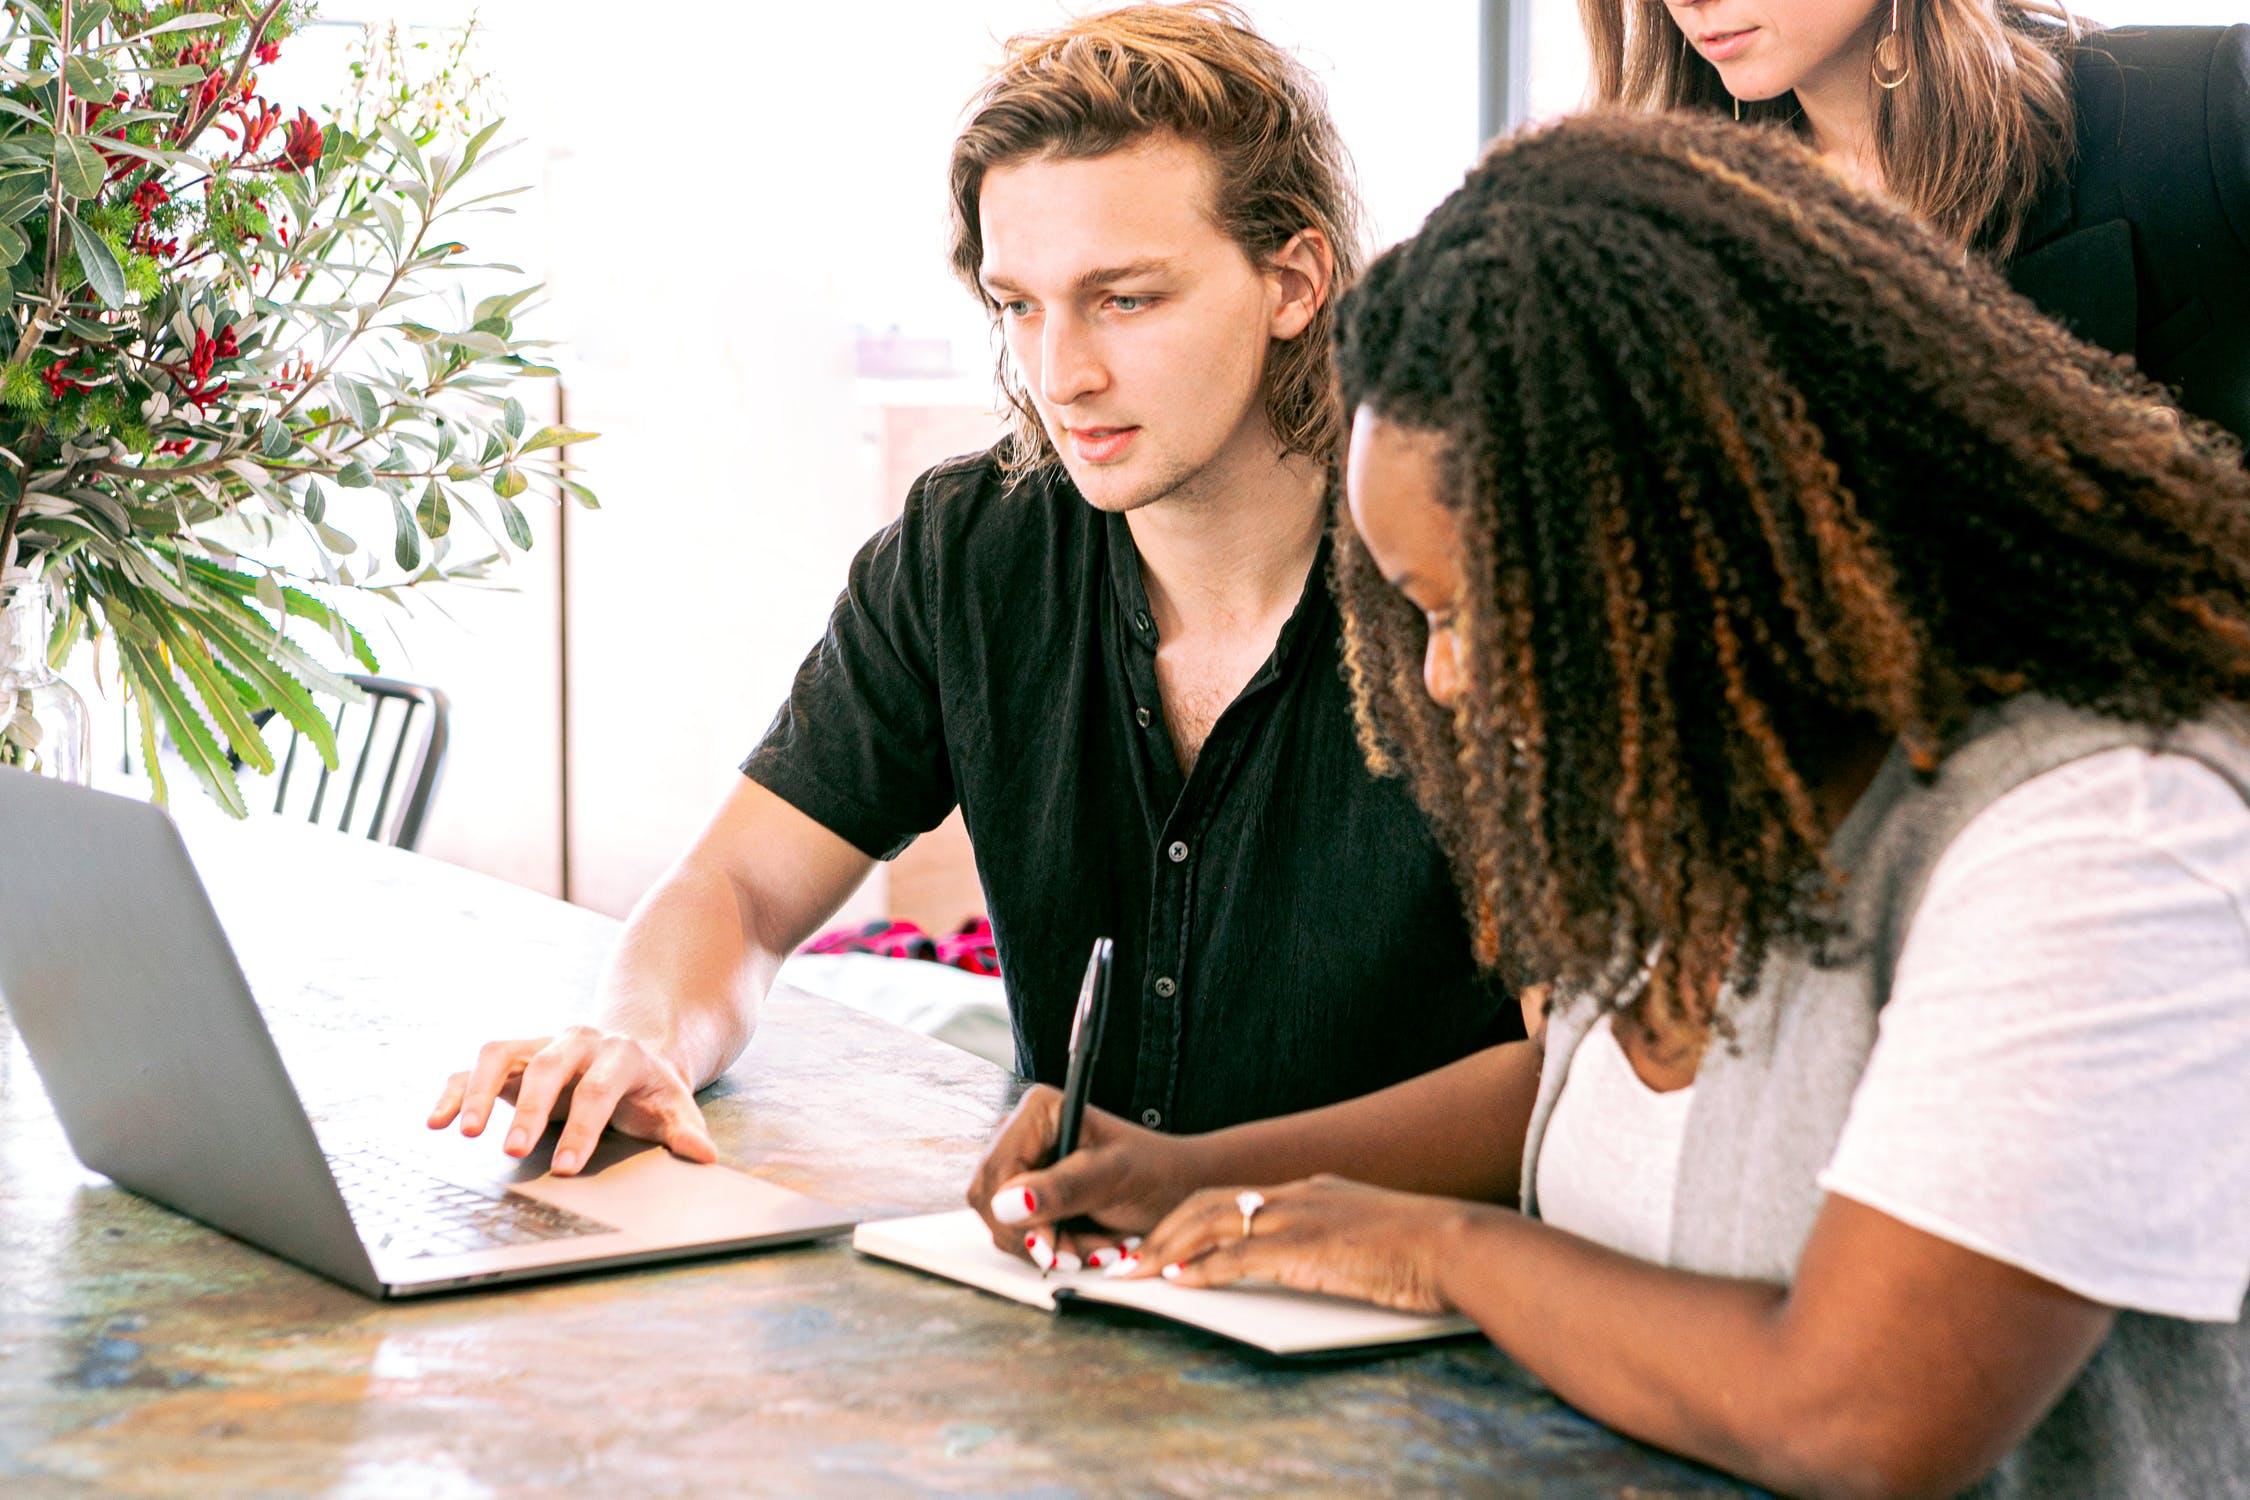 Comment mettre en place une culture d'entreprise apprenante